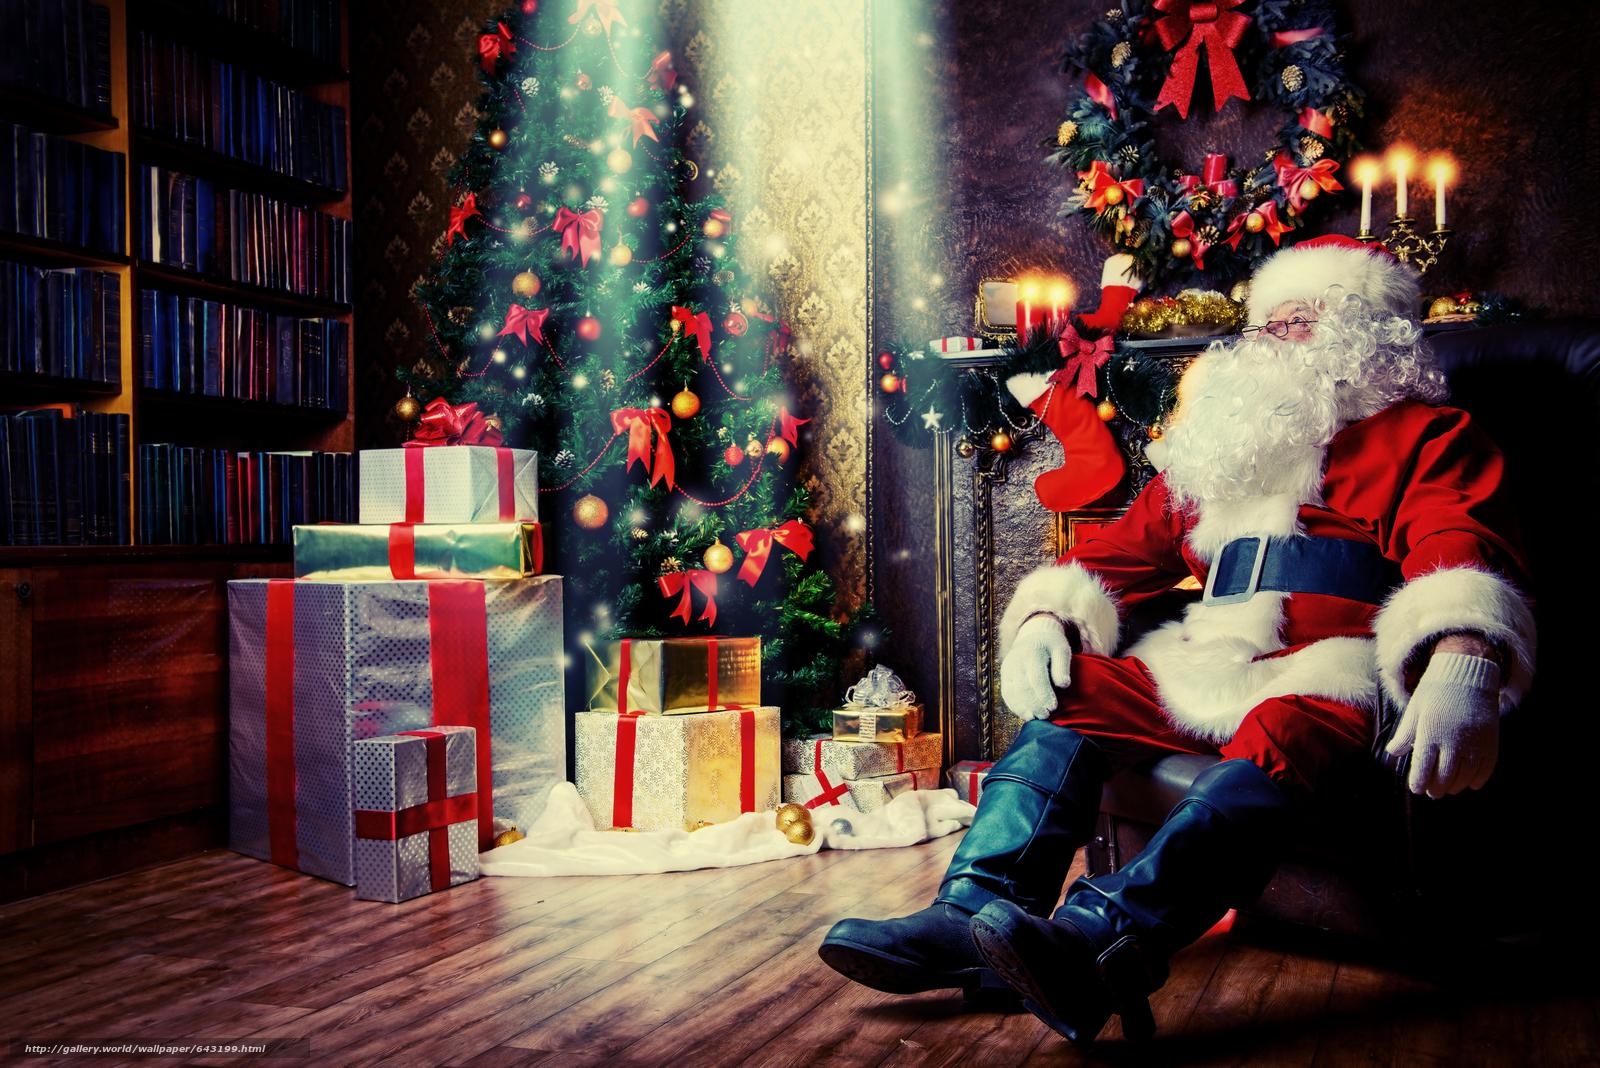 Baixar Wallpaper Árvore de Natal,  Papai Noel,  Papai Noel,  presentes Papis de parede grtis na resoluo 5600x3737 — quadro №643199